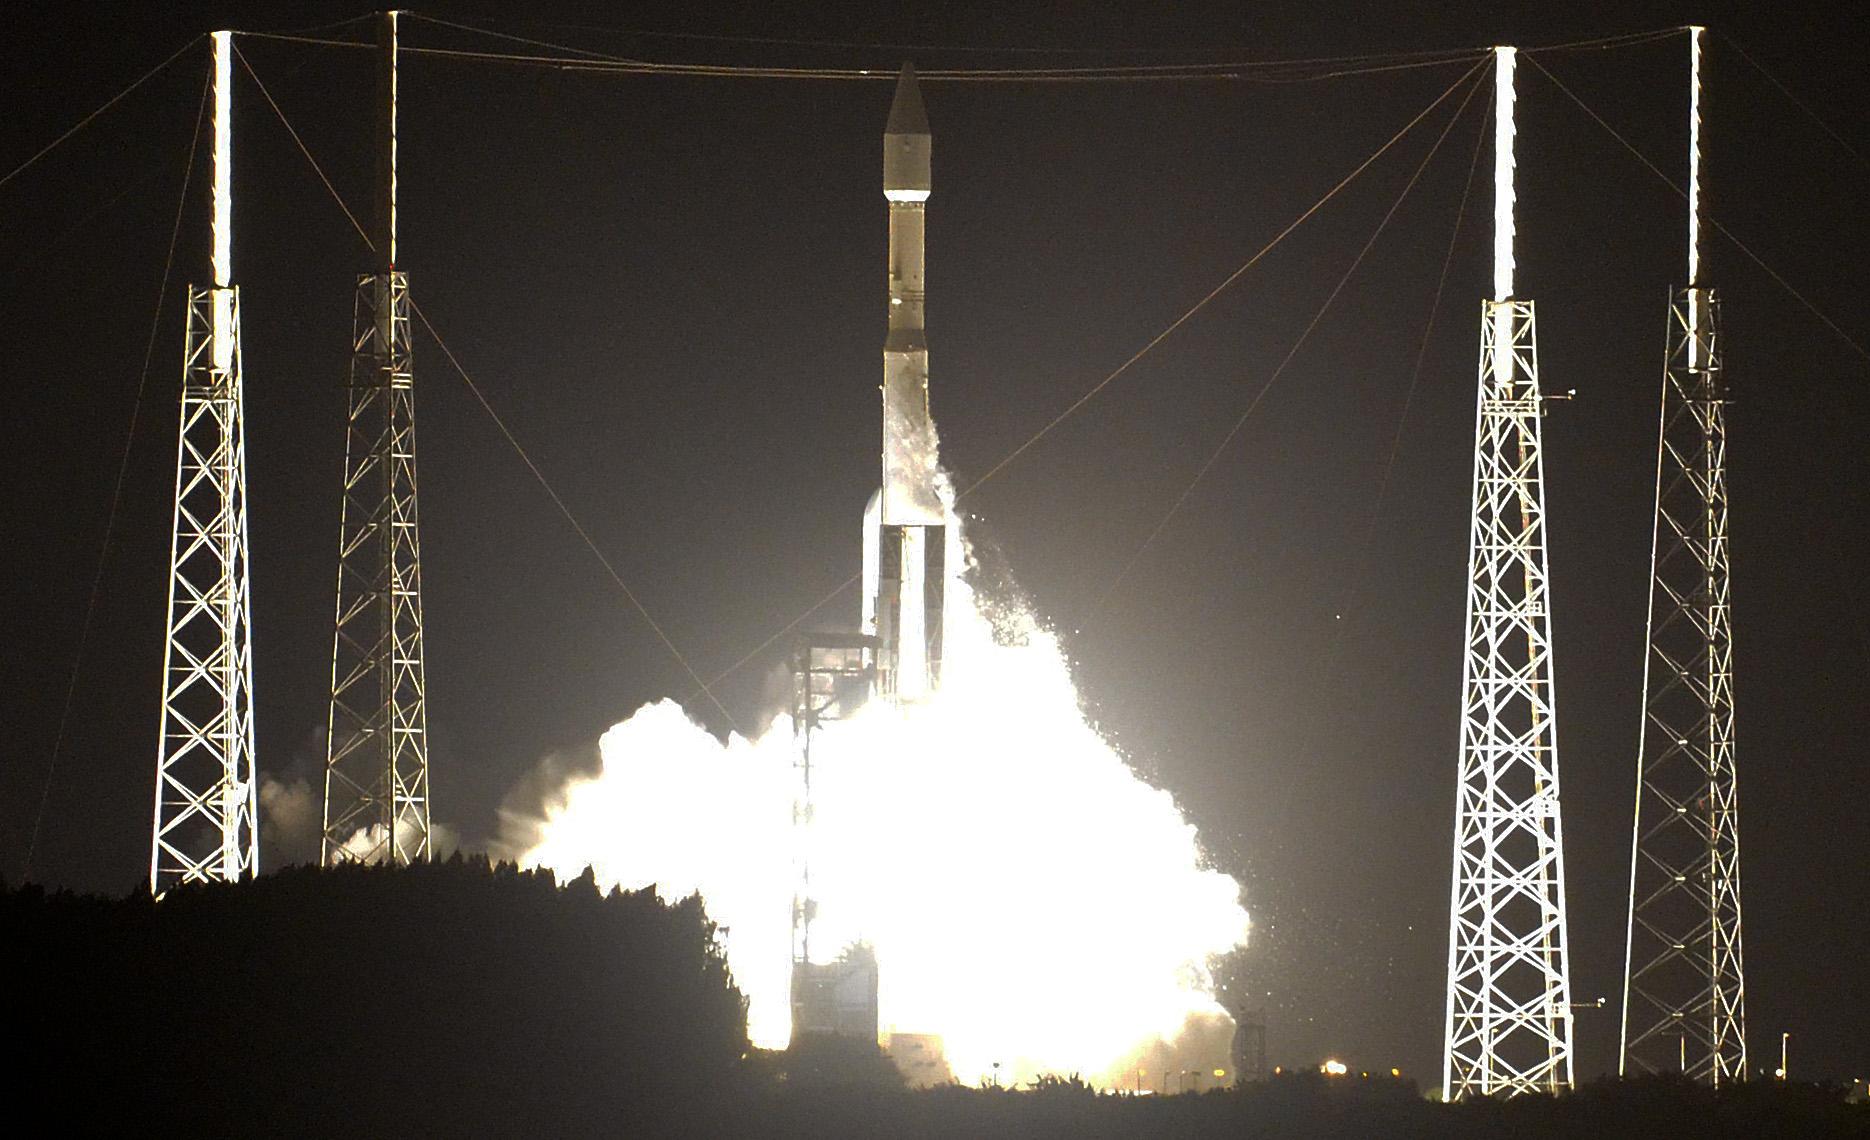 Con el Morelos 3, se consolida el sistema satelital mexicano MEXSAT